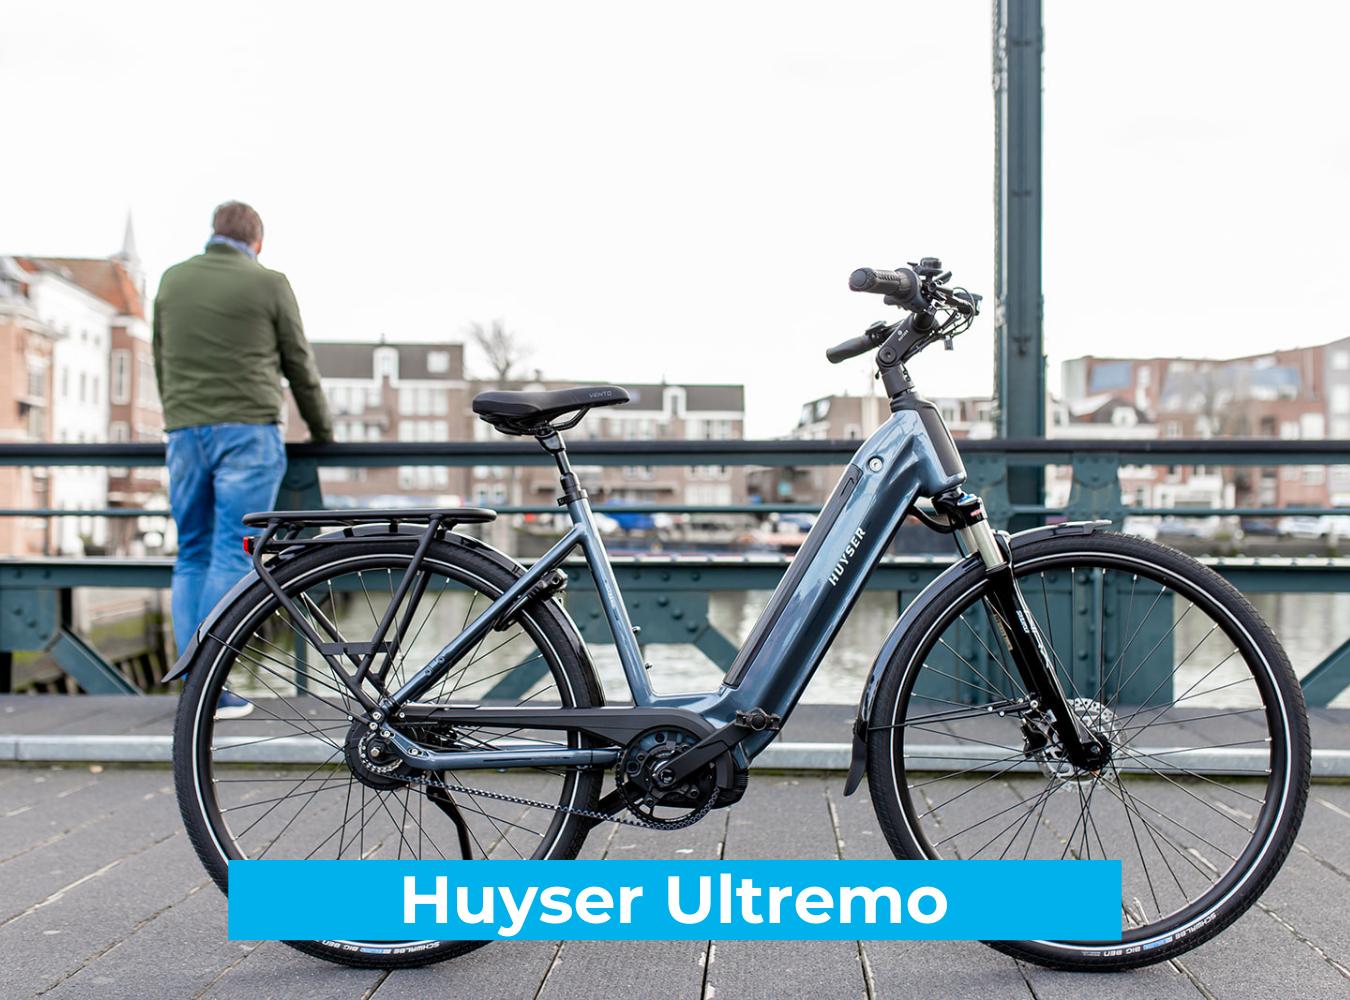 Koop de Huyser Ultremo online bij Fietsuniek.nl en profiteer van een gratis EPIC service-upgrade met complete fietsservice door fietsenmakers aan huis.